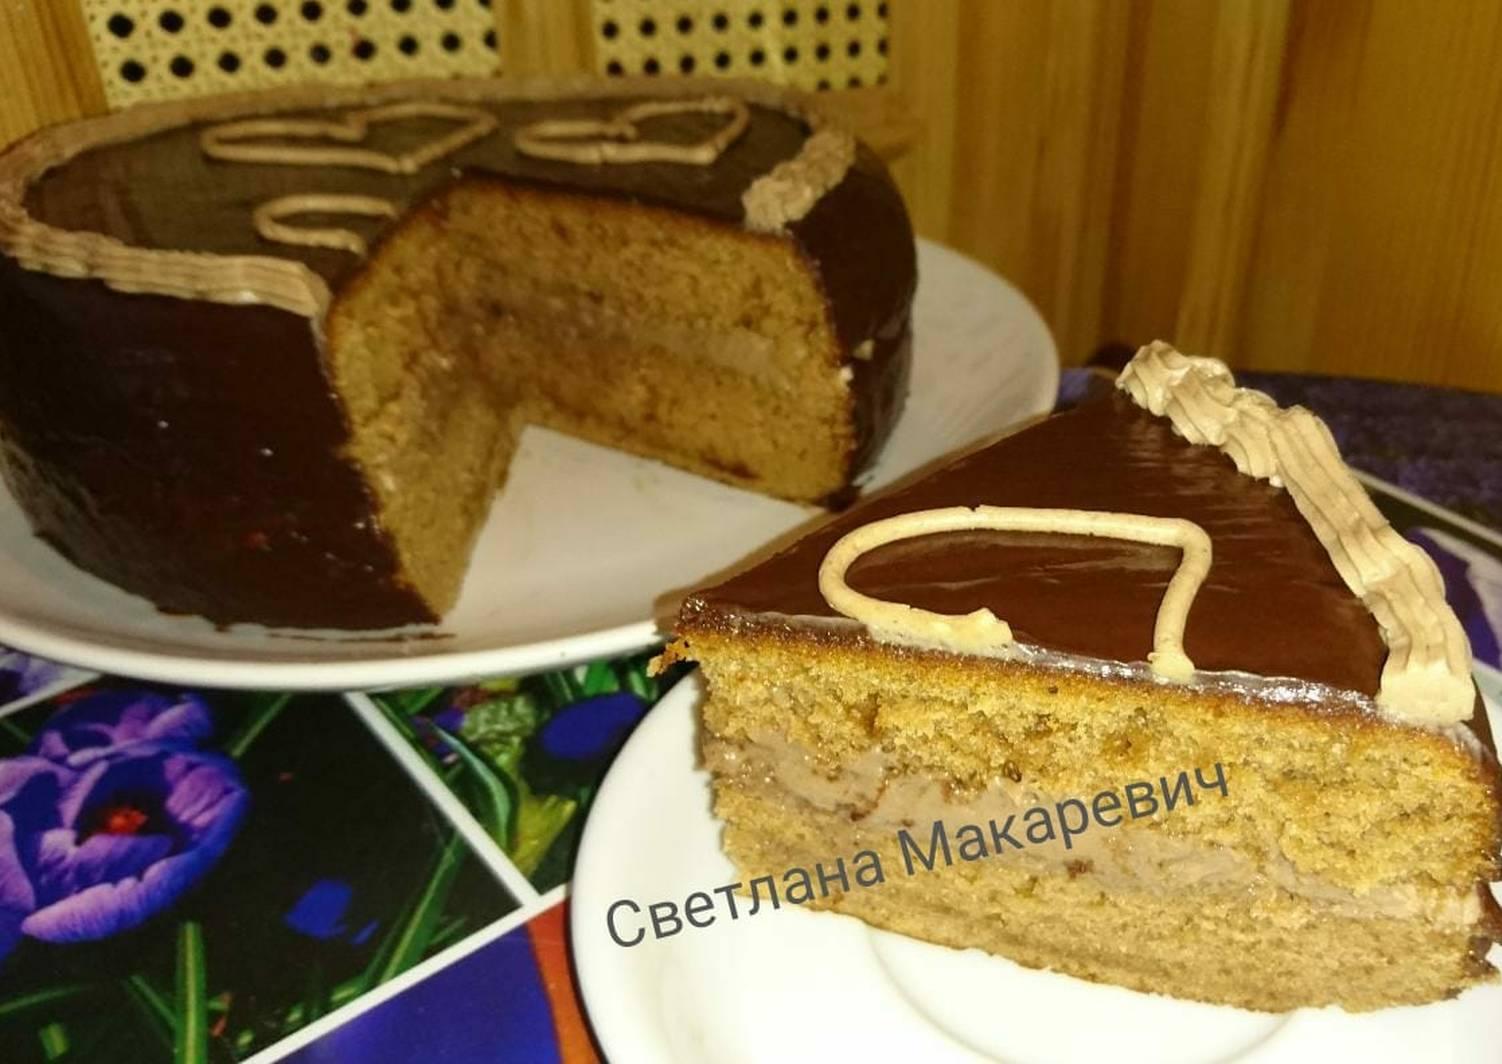 приветствует поклонников рецепт торта прага в мультиварке с фото самостоятельно запечатлеете все